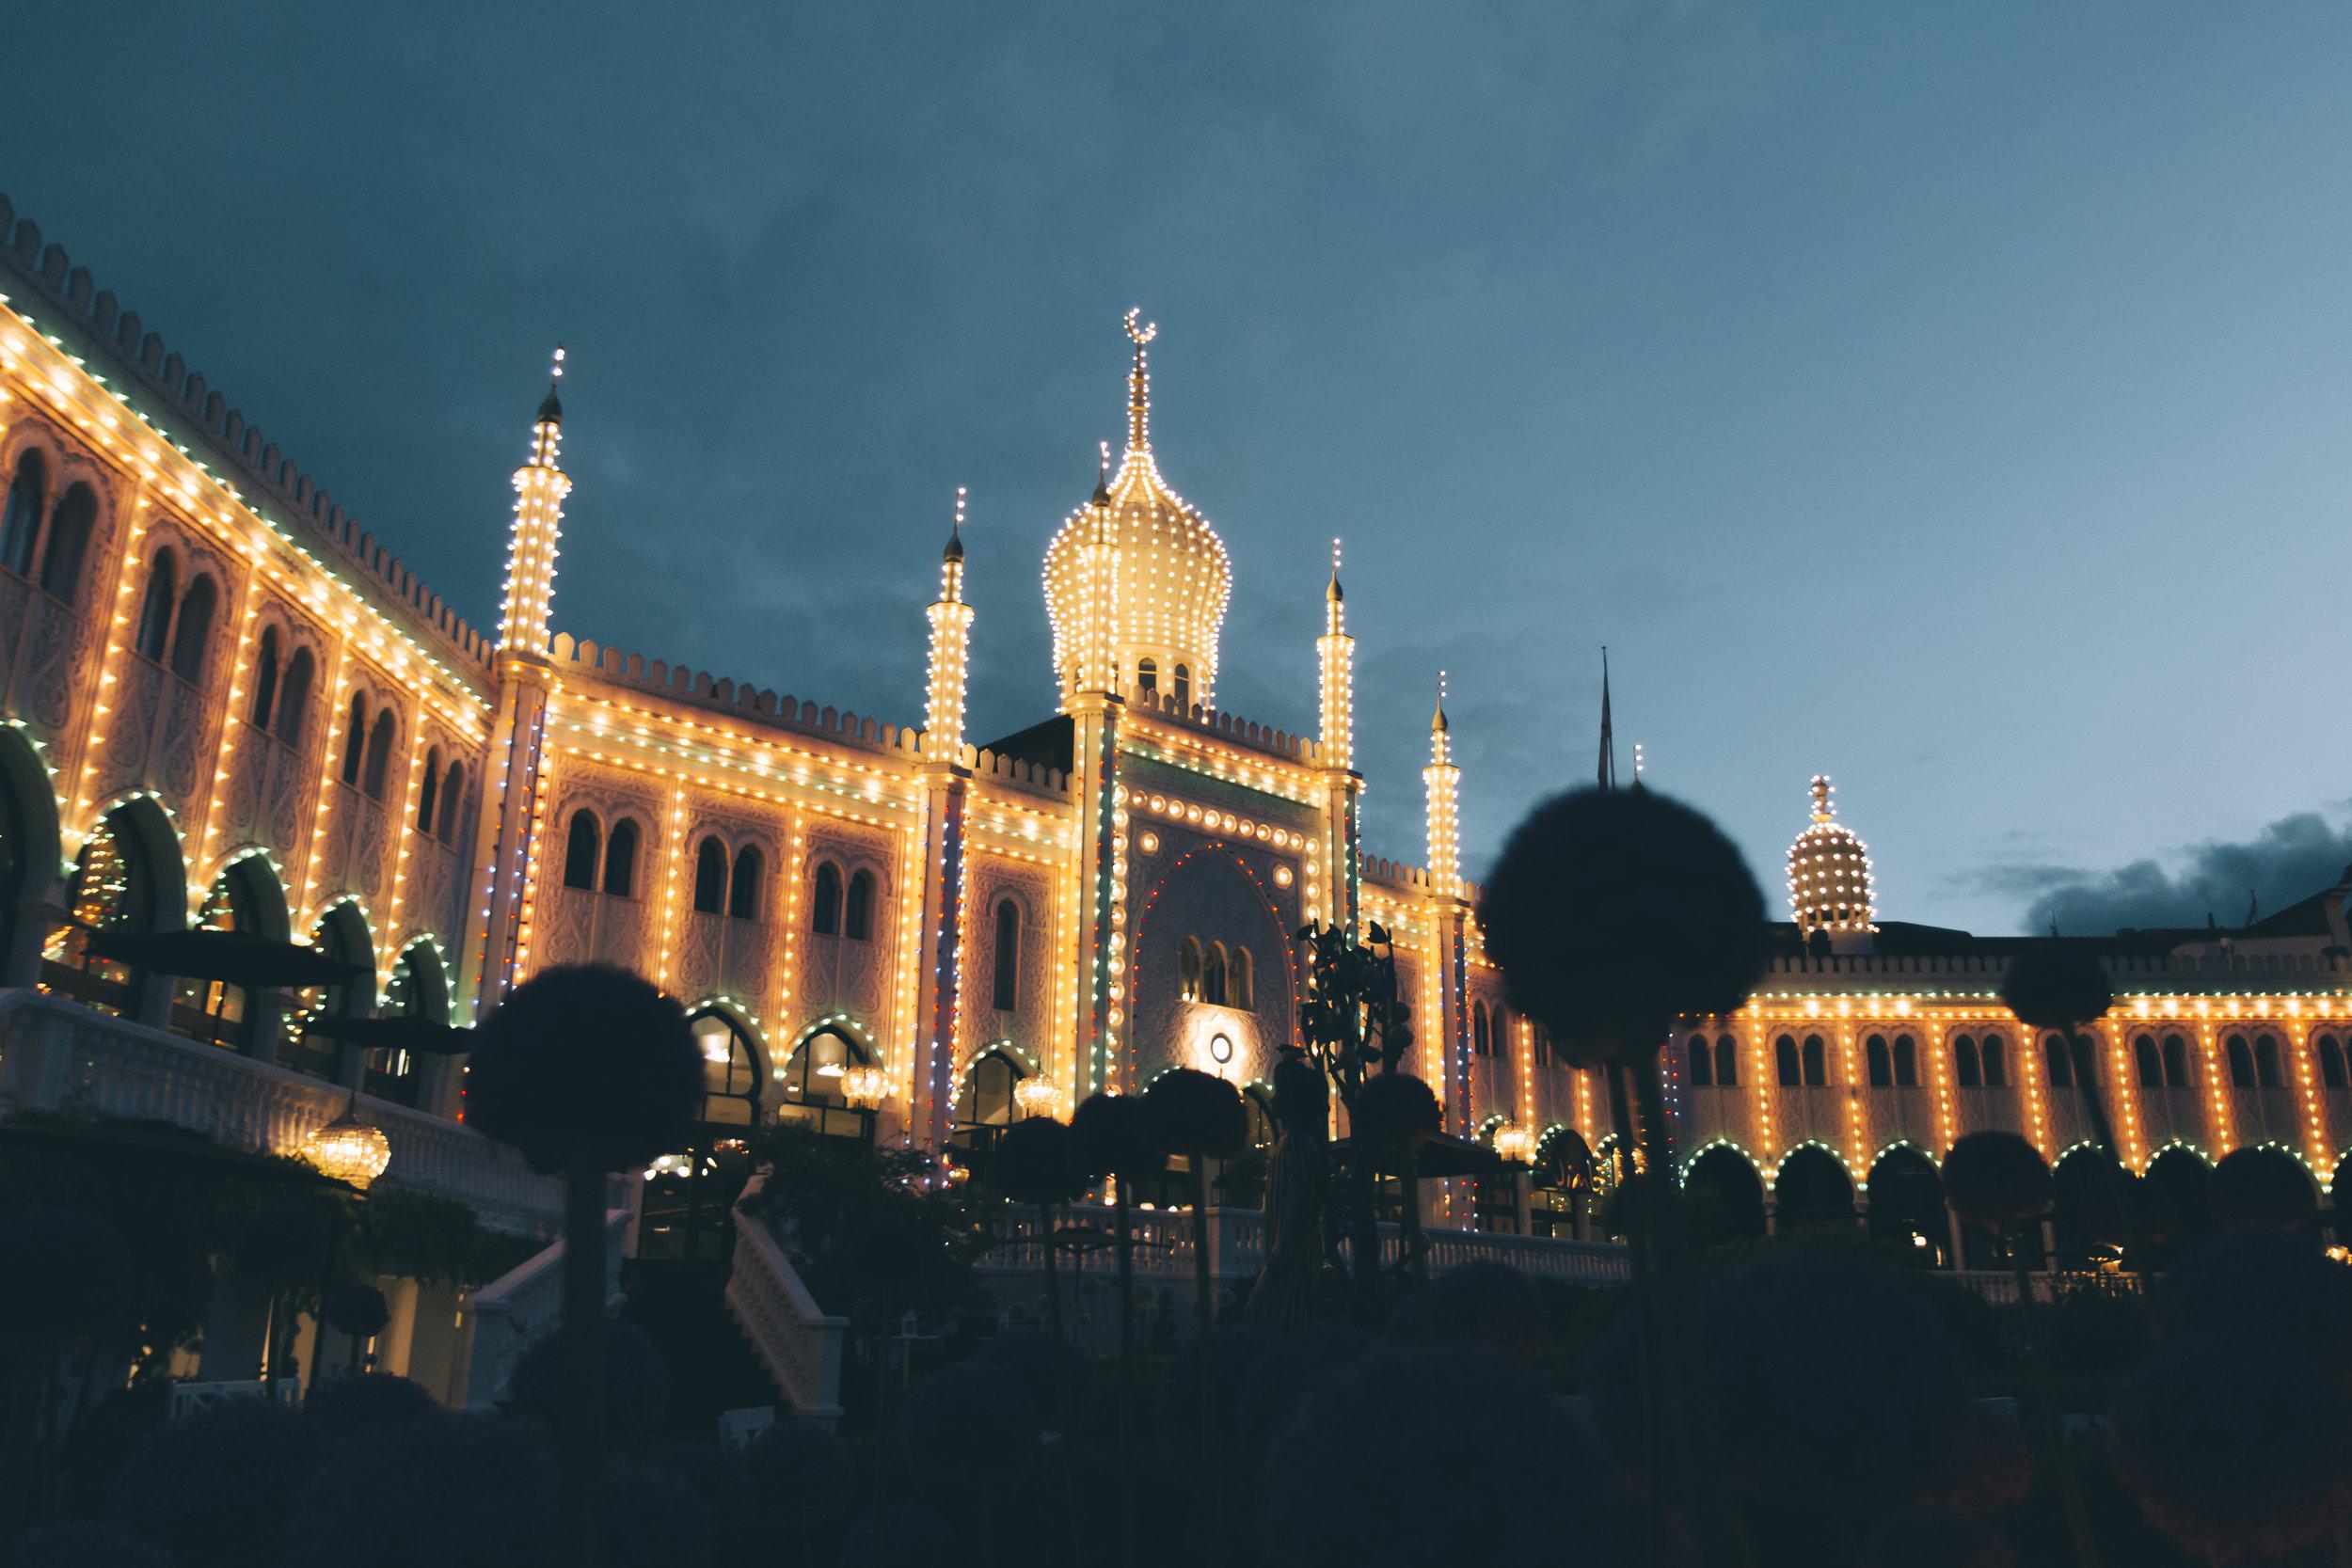 The Moorish Palace